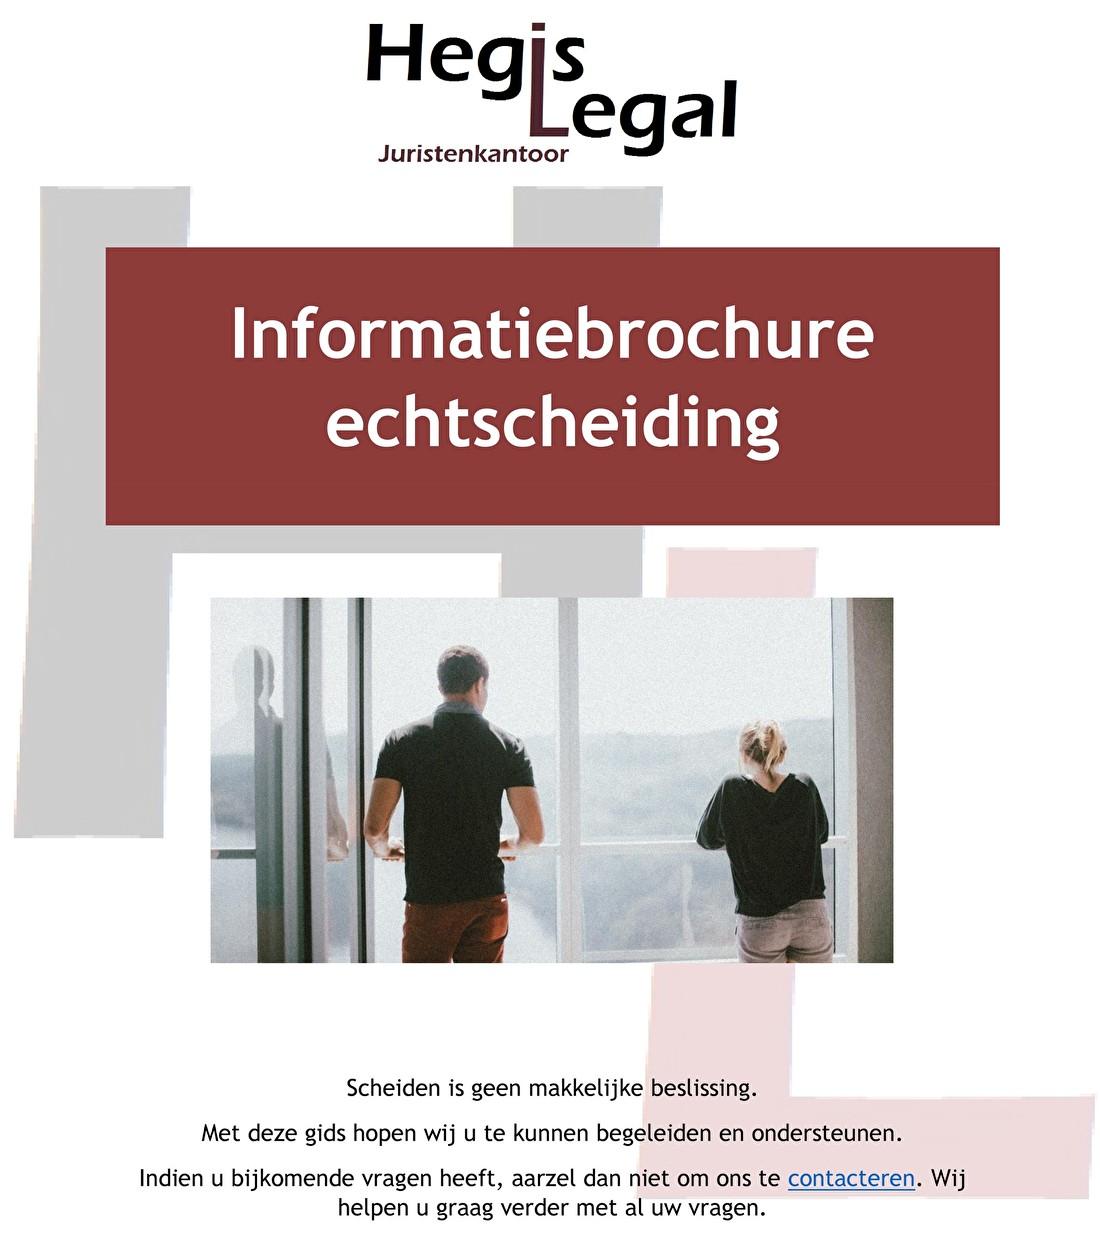 Informatiebrochure echtscheiding